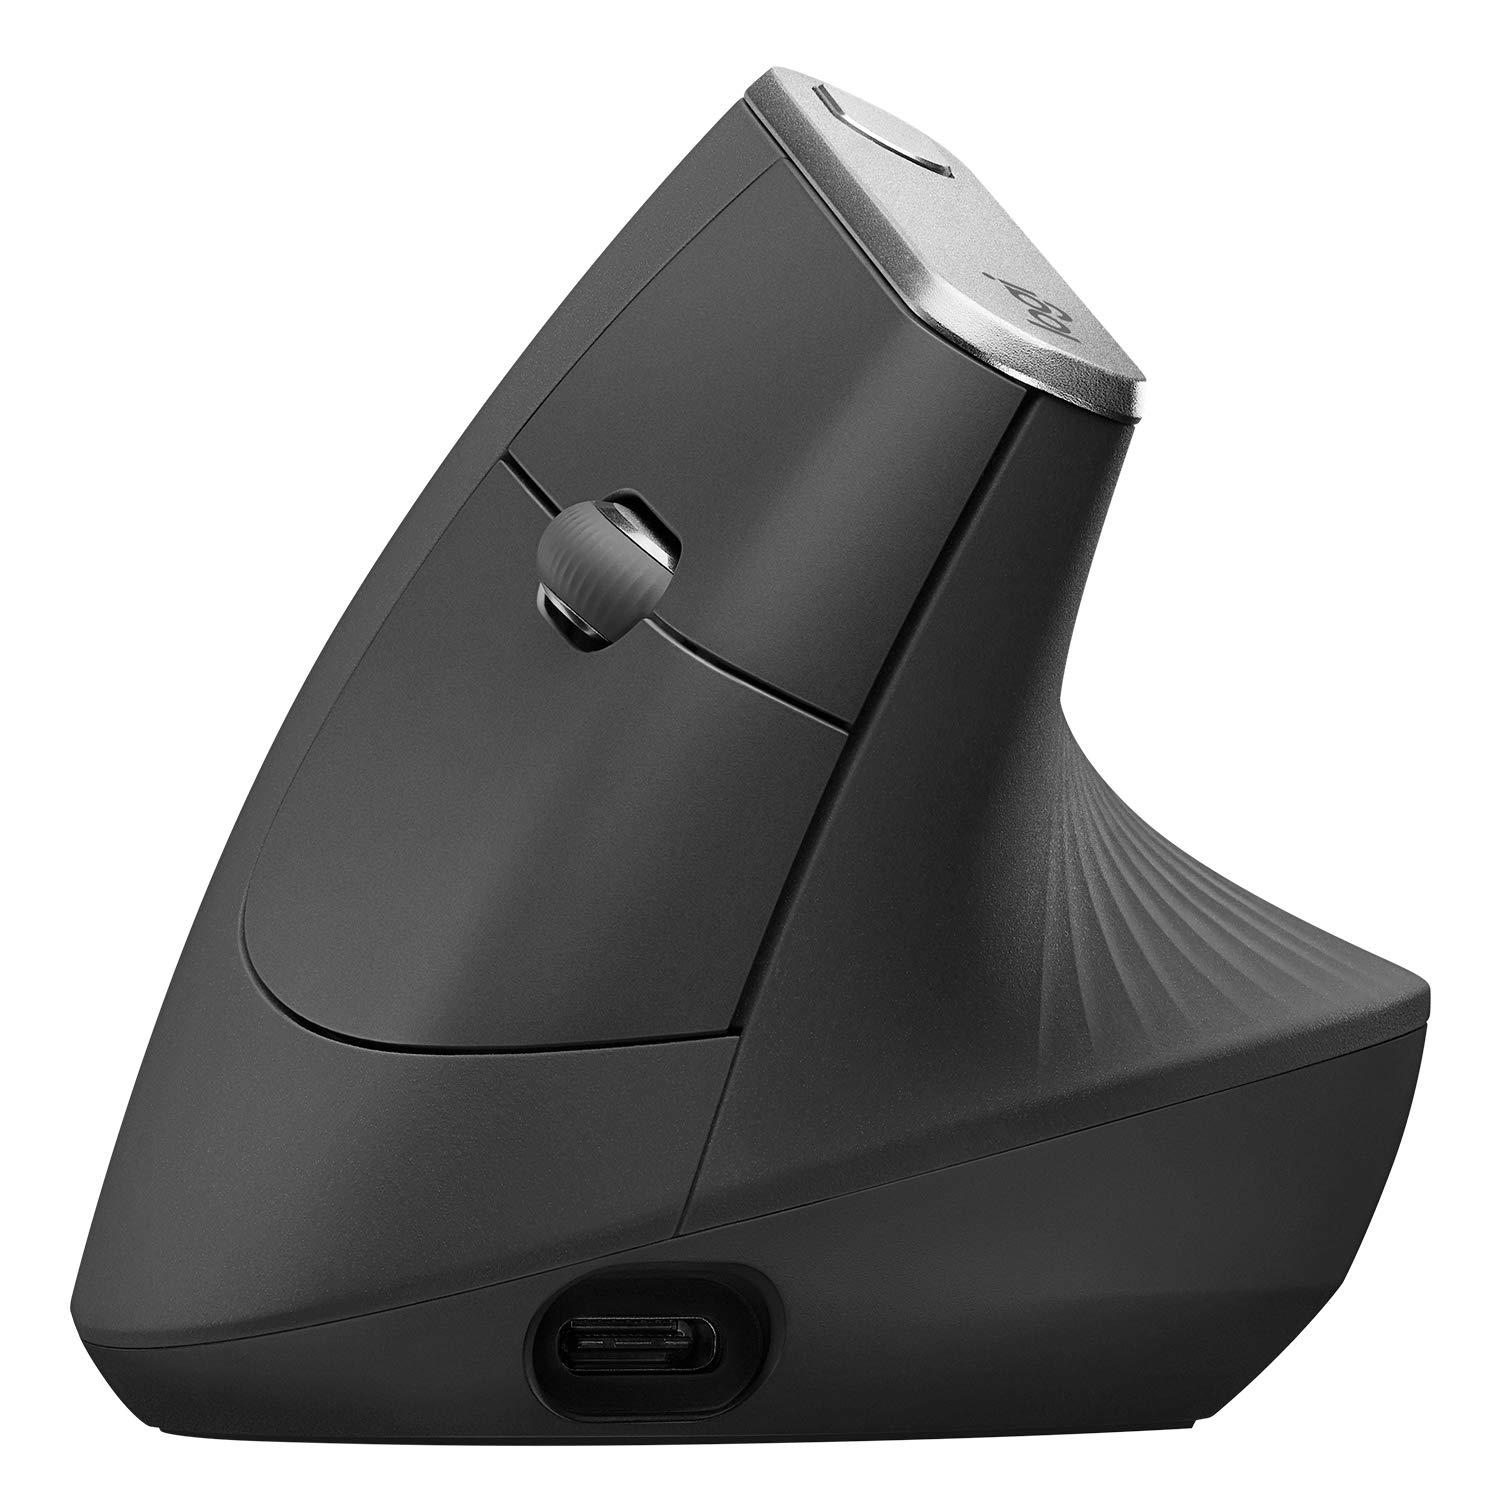 Logitech MX Vertical kabelgebundene und Belaidės ergonomische Maus für weniger Muskelbeanspruchung